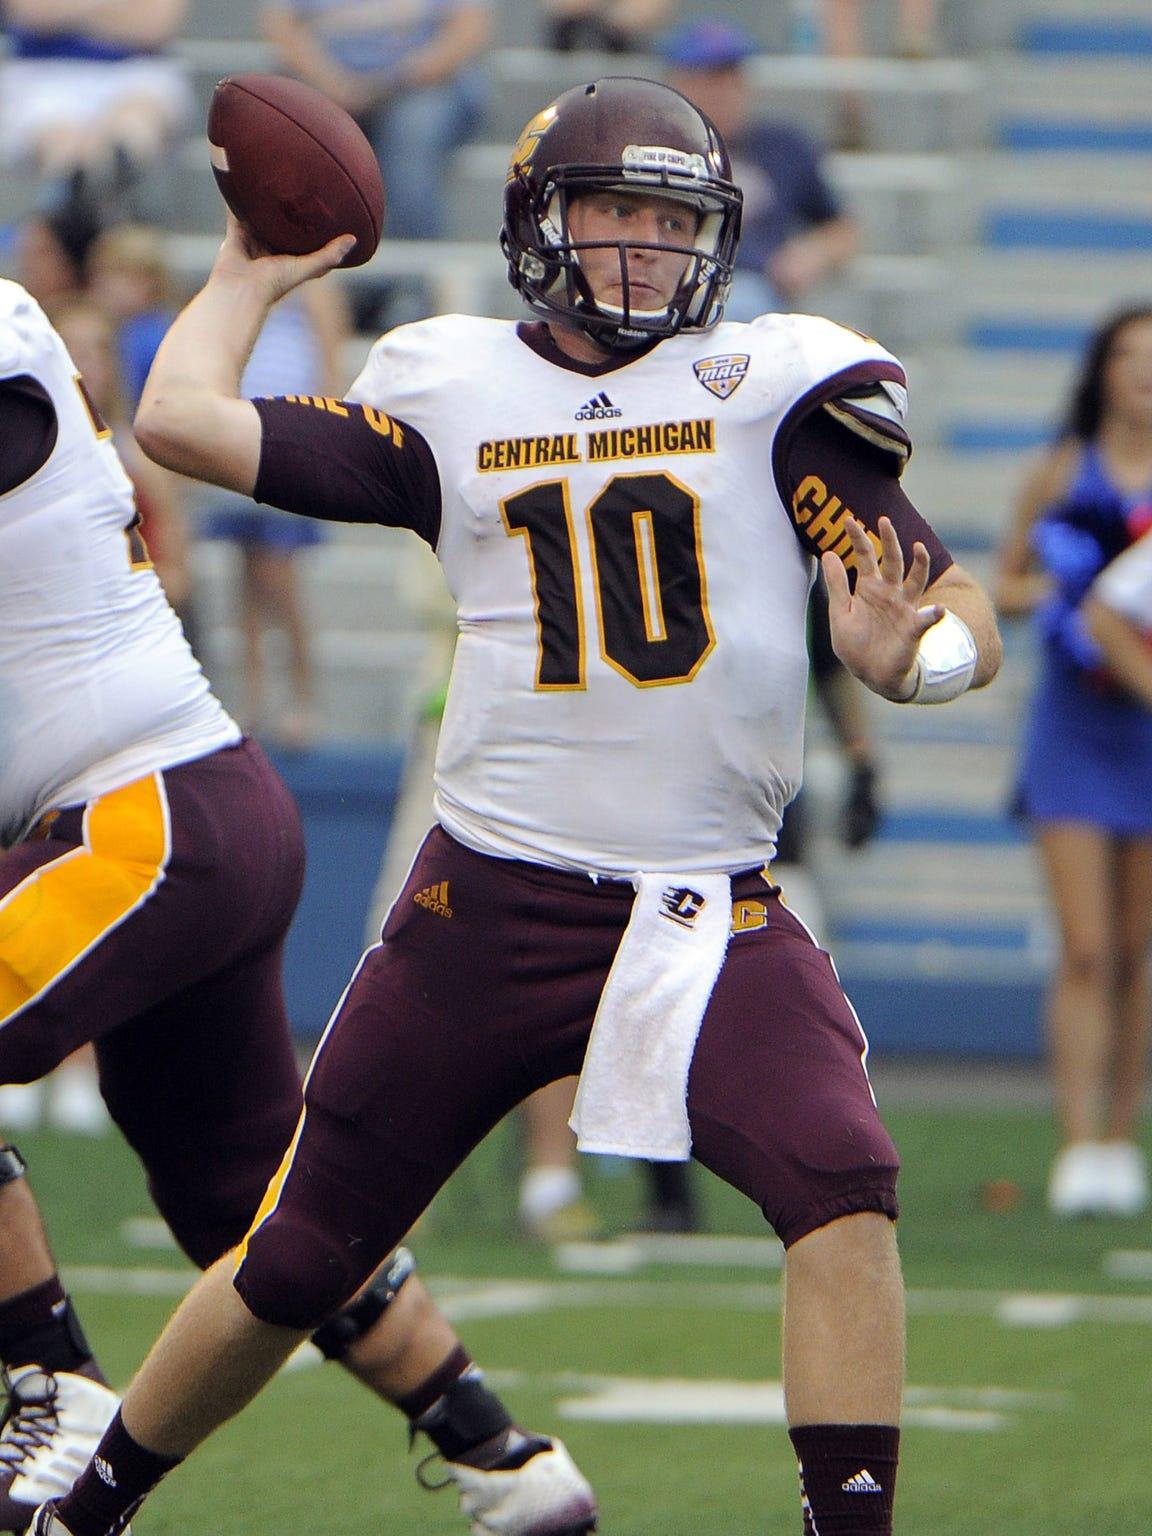 Central Michigan quarterback Cooper Rush (10).